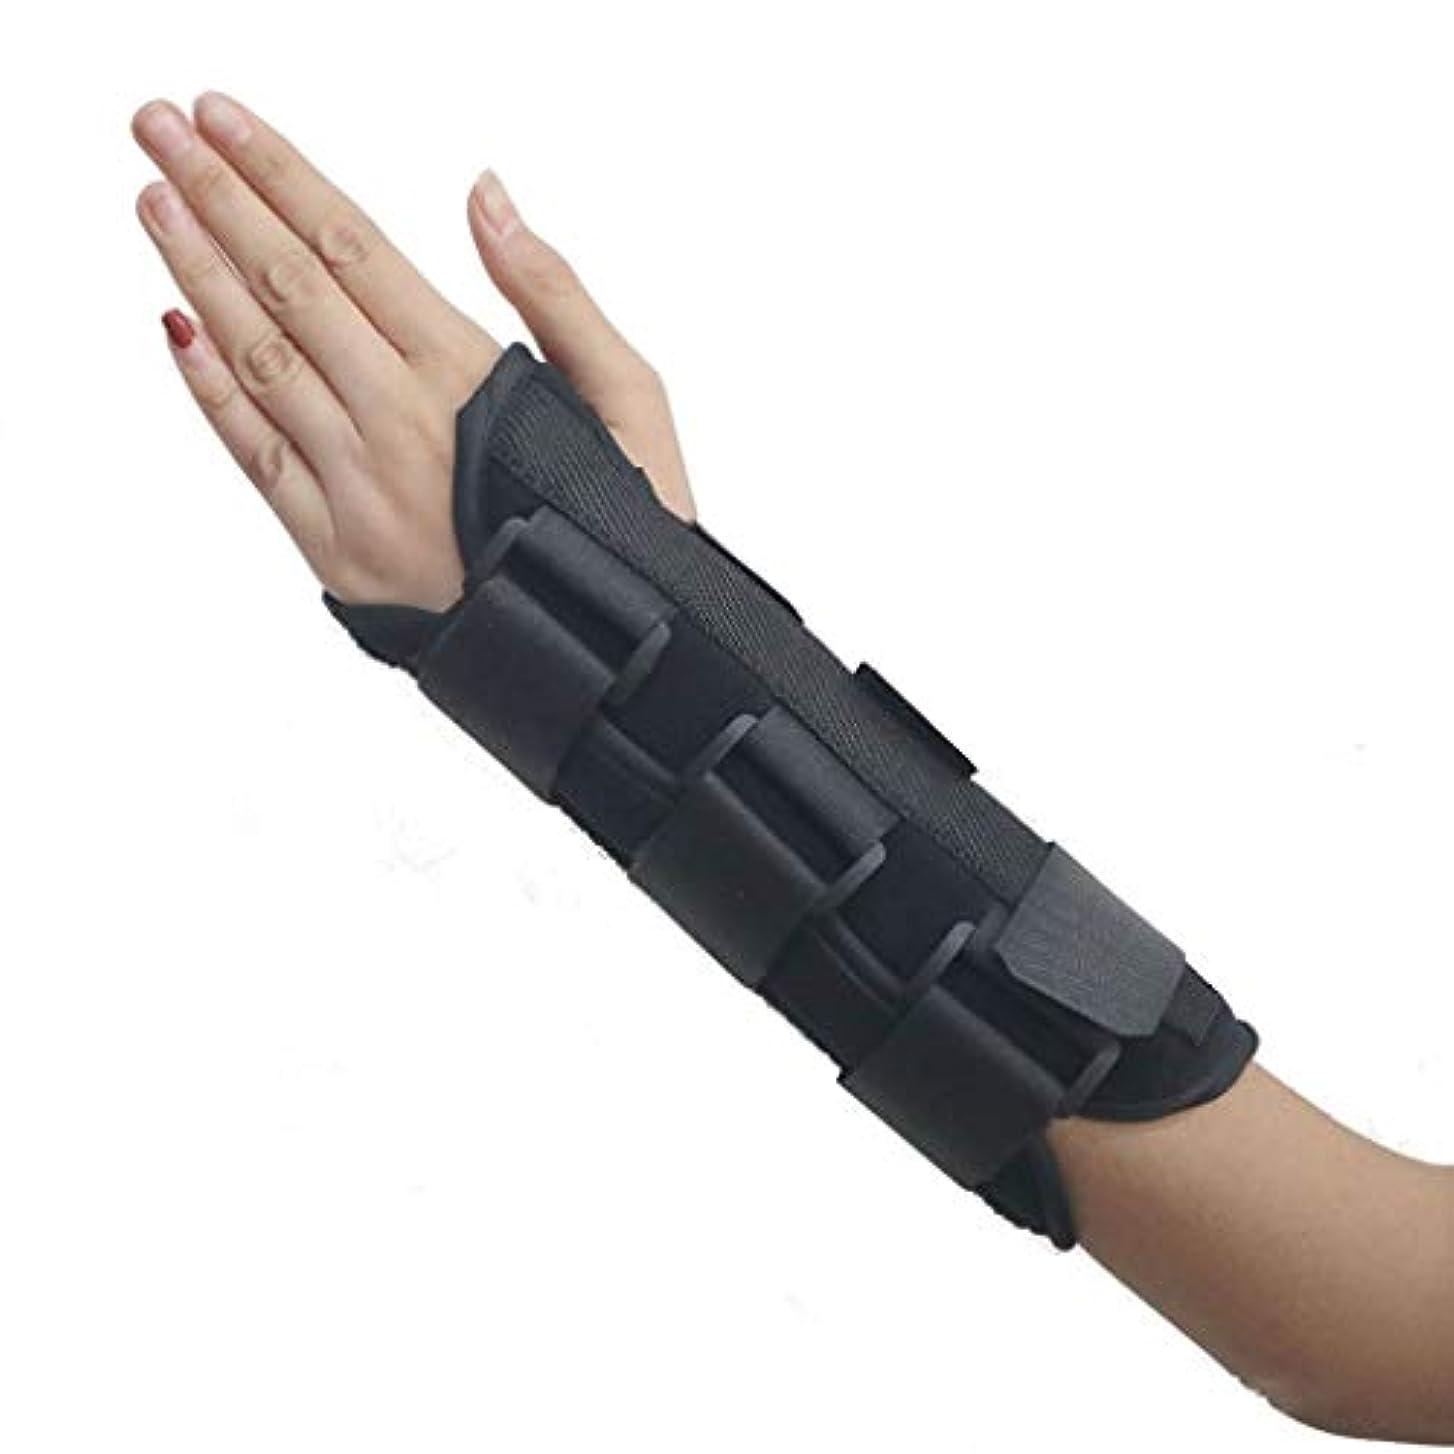 とまり木リムインフラ指関節炎外反母趾矯正親指手首の傷回復回復スプリント、指セパレーター手矯正手根管、関節痛緩和矯正器,Righthand,M